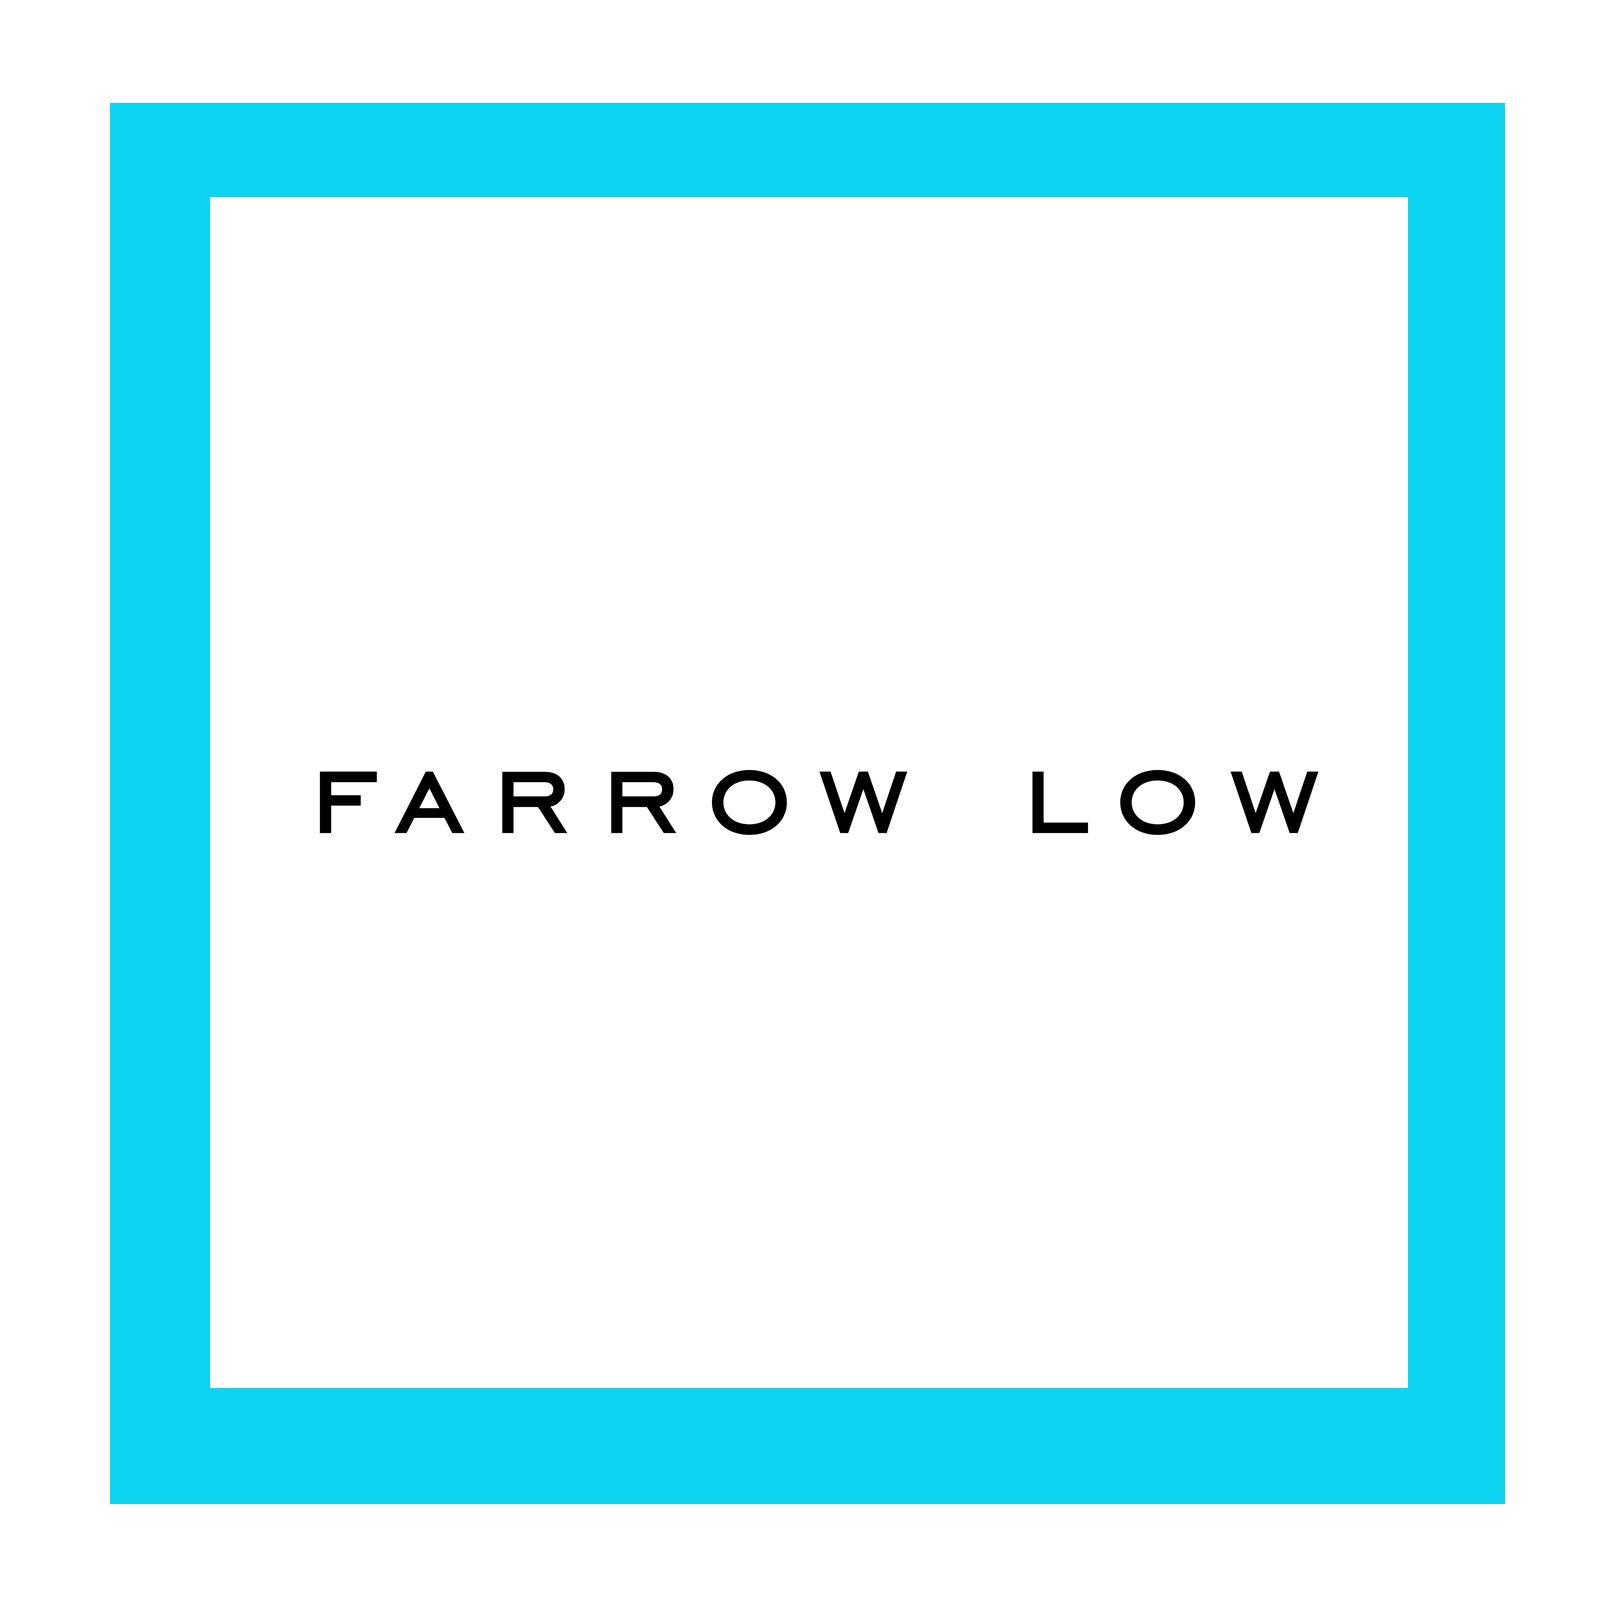 Farrow Low.jpg